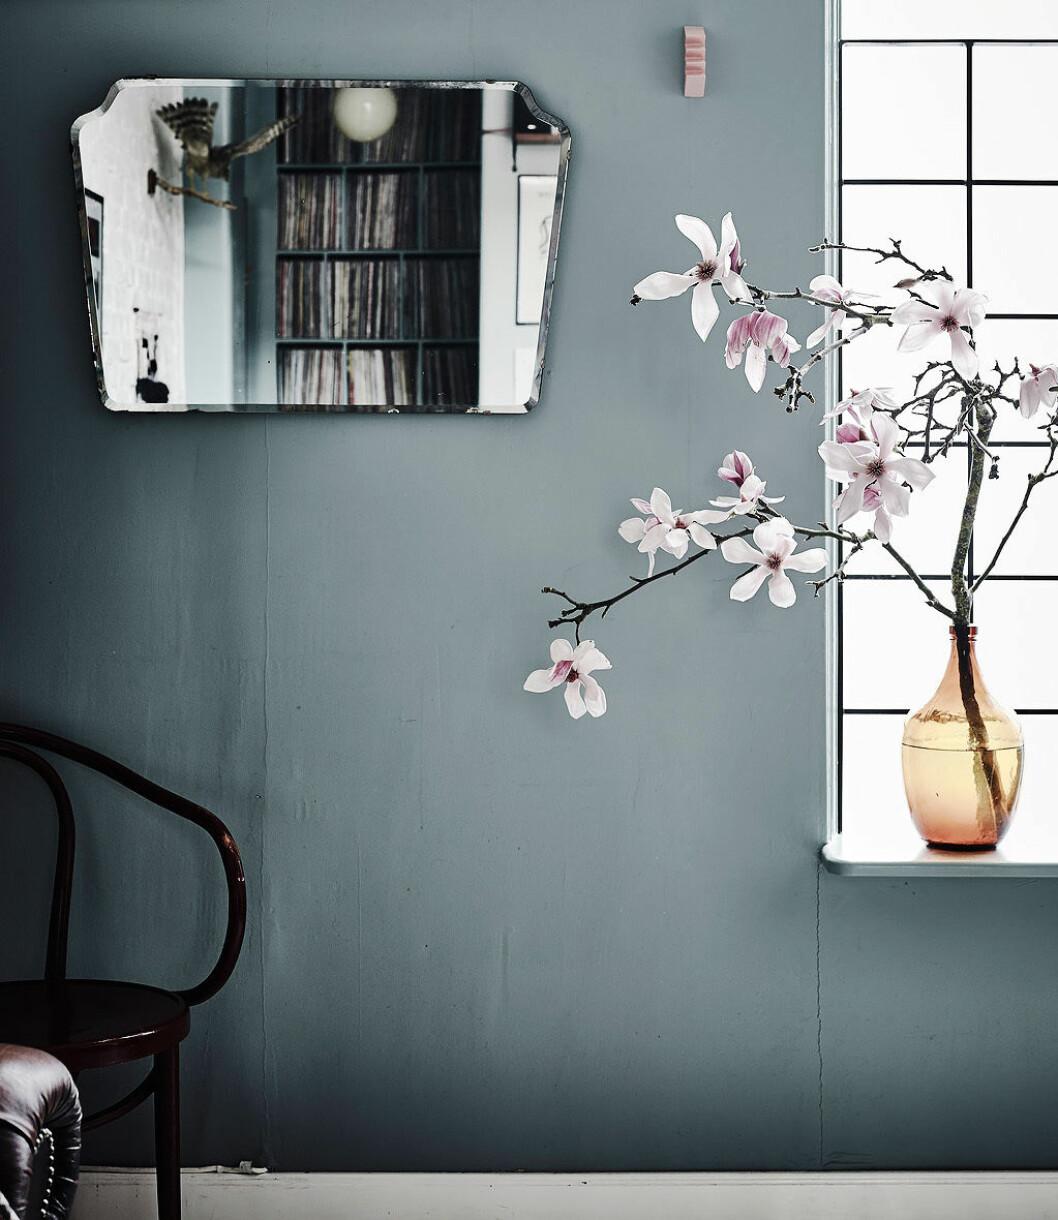 Magnolia på fönsterbräda